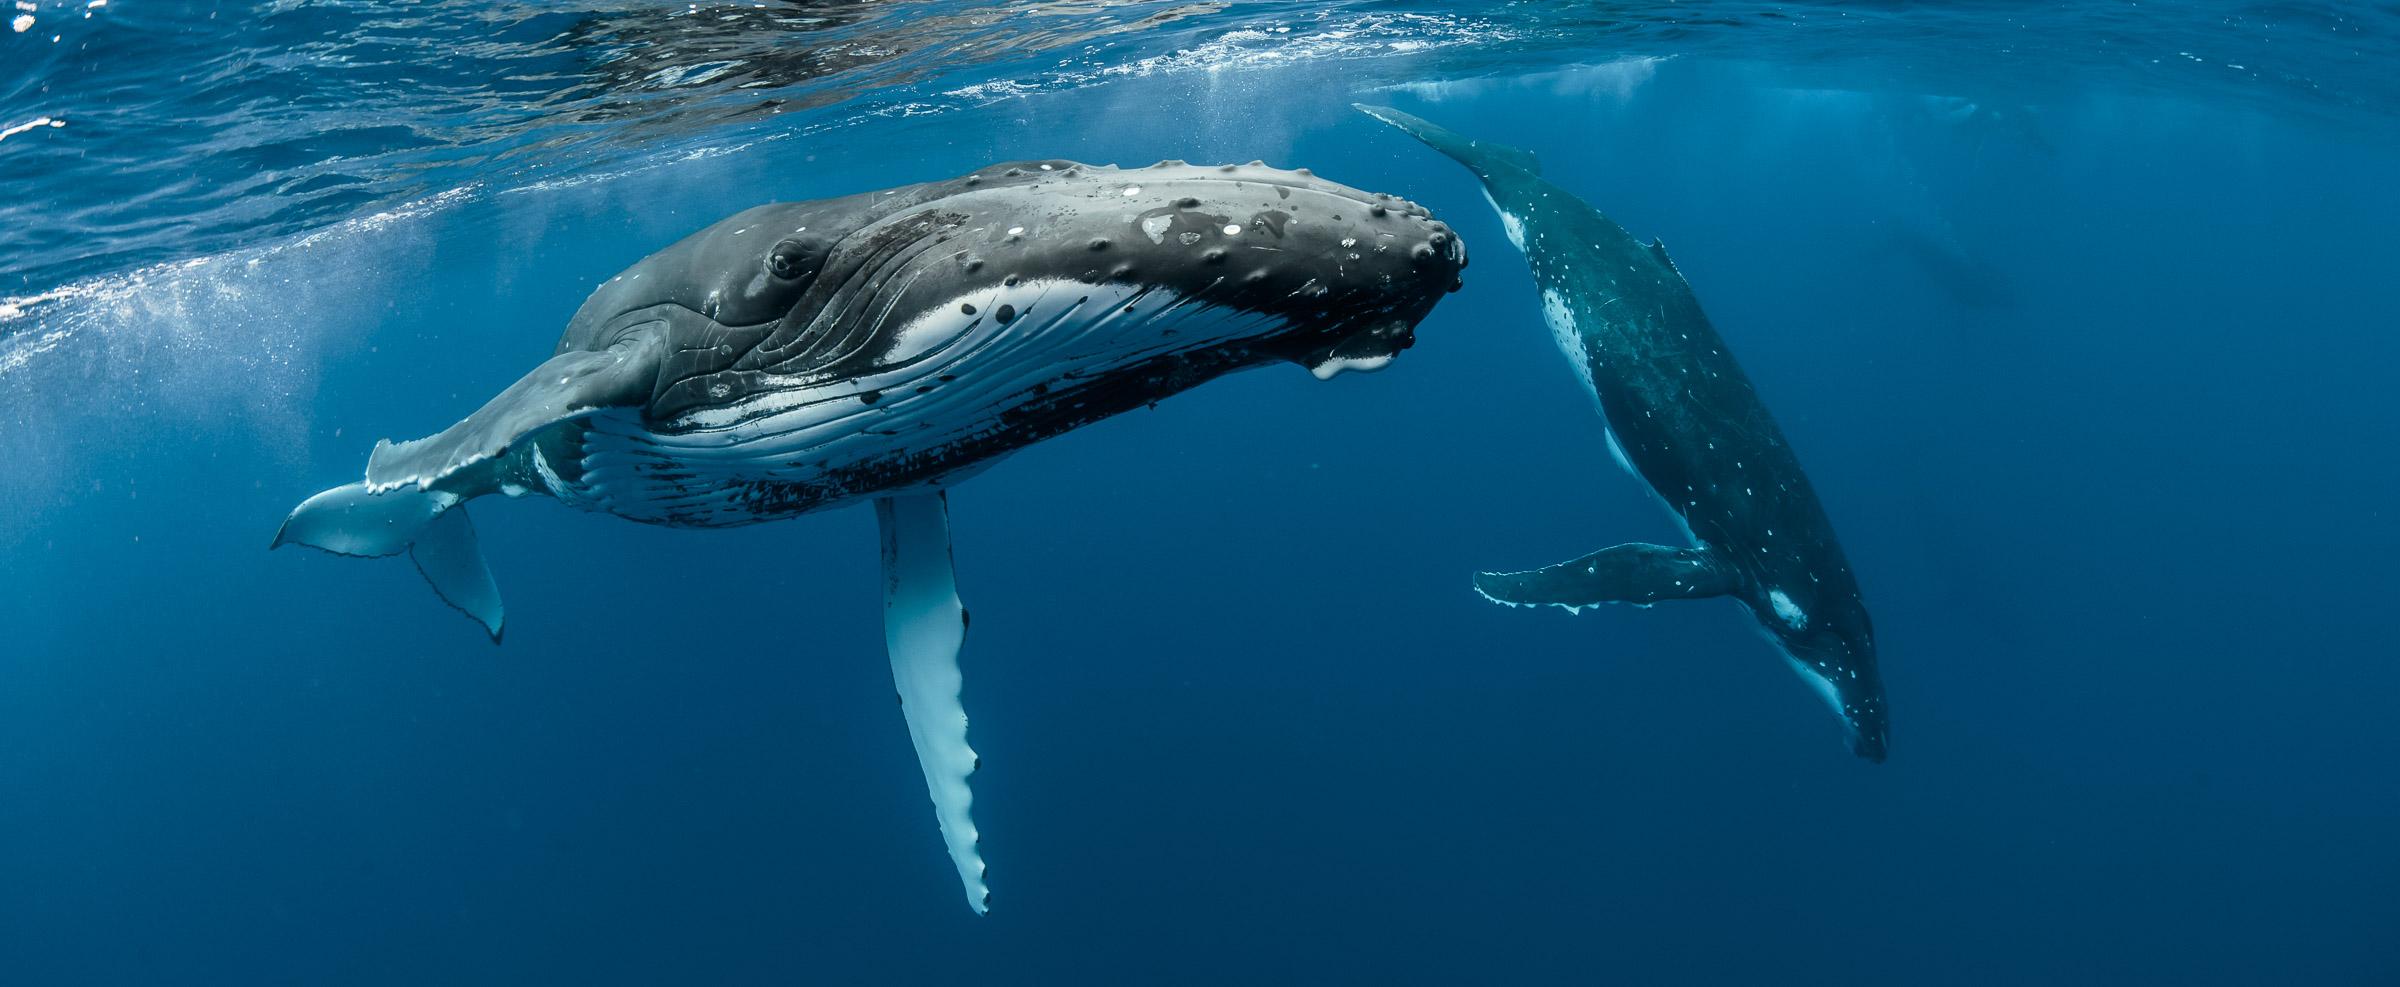 whales-underwater-20140908_3698